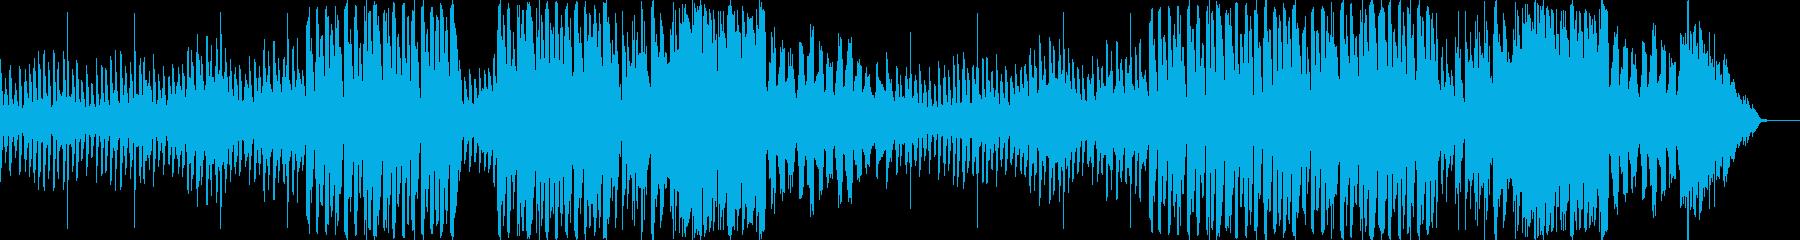 切ない雰囲気が特徴のピアノ曲の再生済みの波形